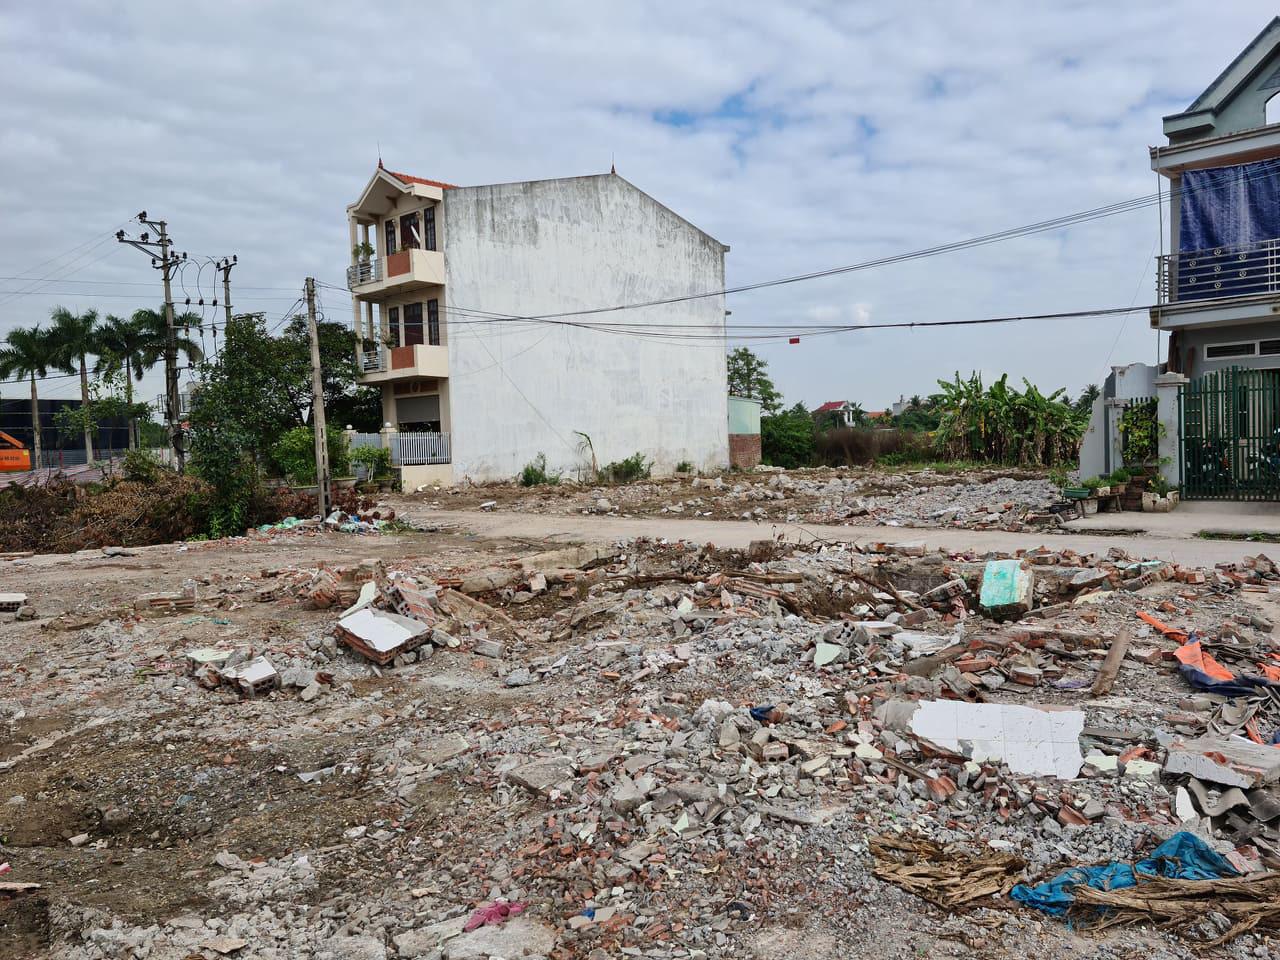 Hải Phòng: Huyện Thủy Nguyên sắp lên phố người dân phấn khởi, giá đất tăng vọt - Ảnh 4.